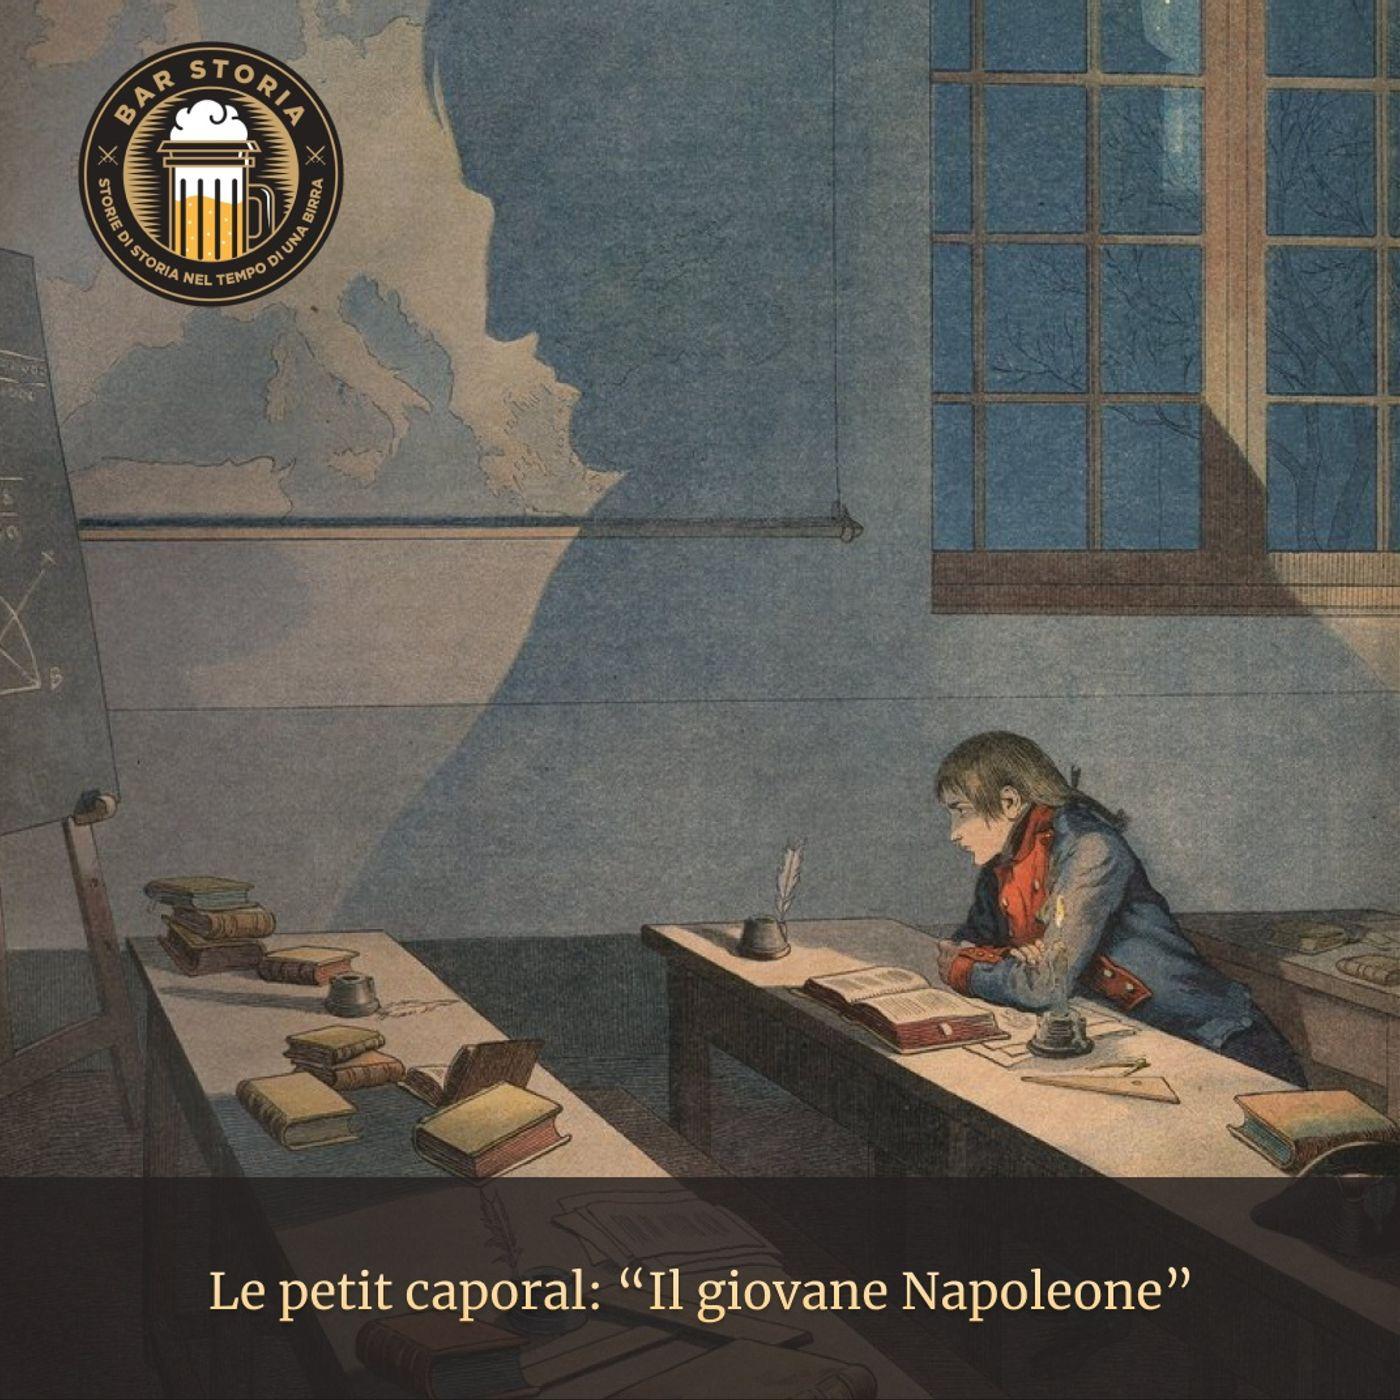 Le petit caporal - Il giovane Napoleone